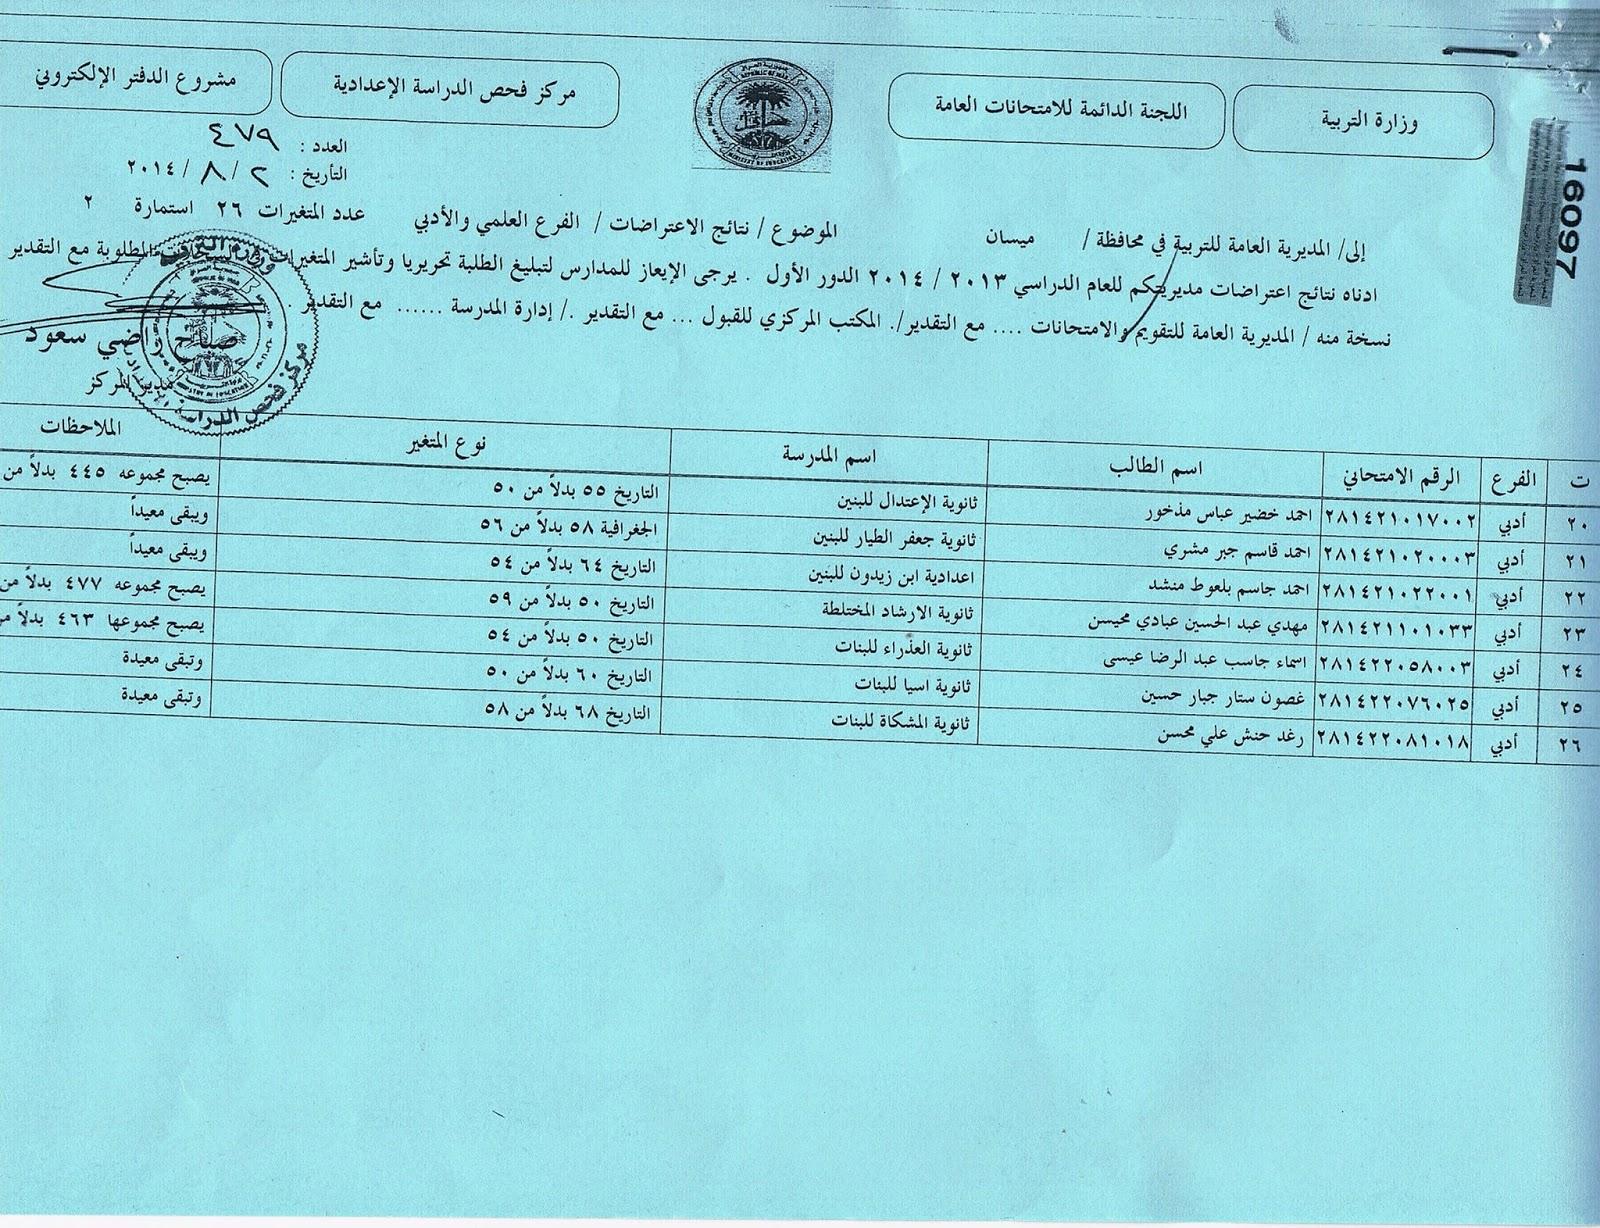 نتائج اعتراضات السادس العلمي و العلمي محافظة ميسان 2014  10562646_275168326003238_6220007346260192401_o